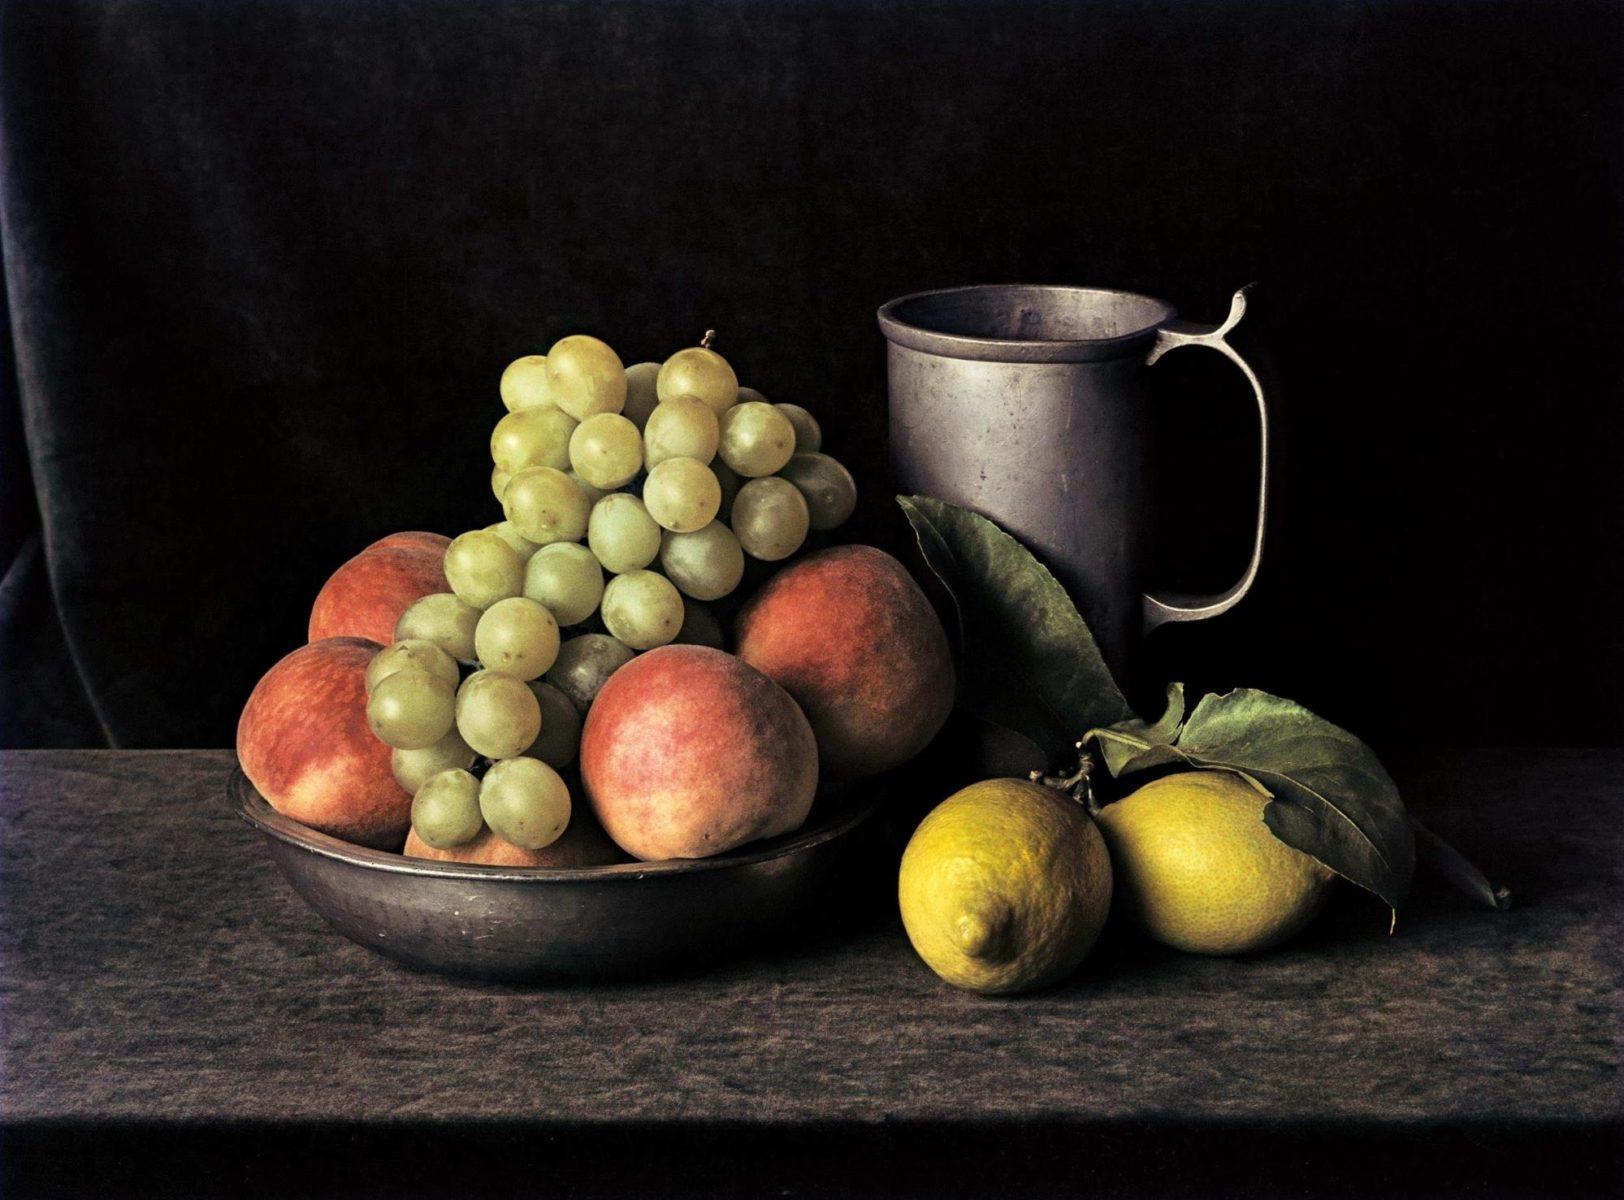 Zinnkrug mit Trauben (Stillleben Nr. 7), New York, 1997, Farbfotografie von Evelyn Hofer